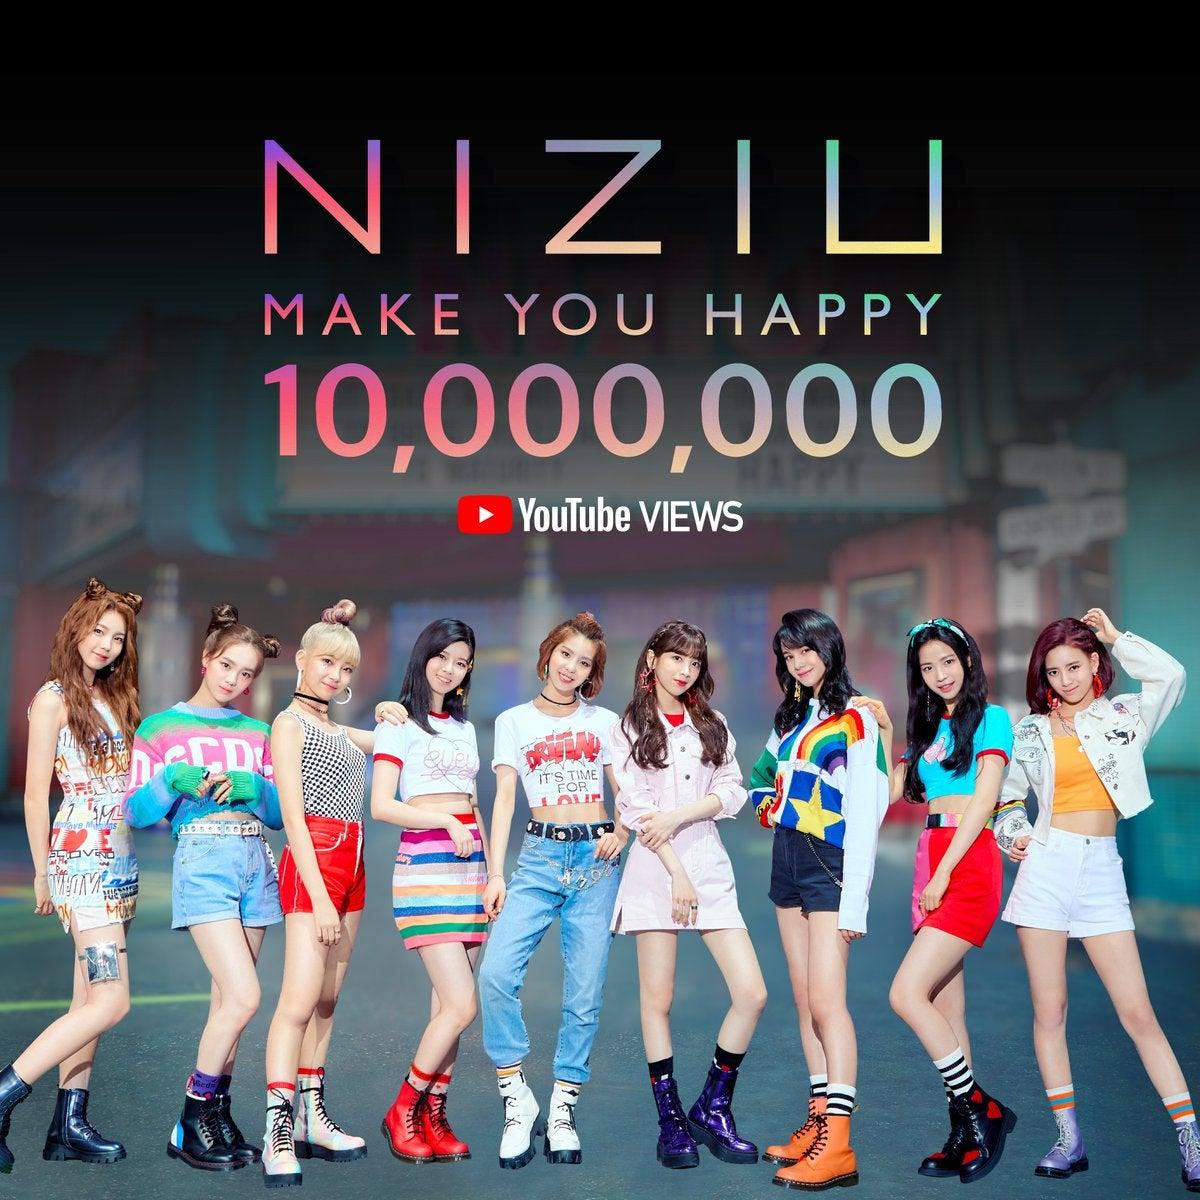 メイク ユー ハッピー Make you happy 歌詞「NiziU」ふりがな付|歌詞検索サイト【UtaTen】